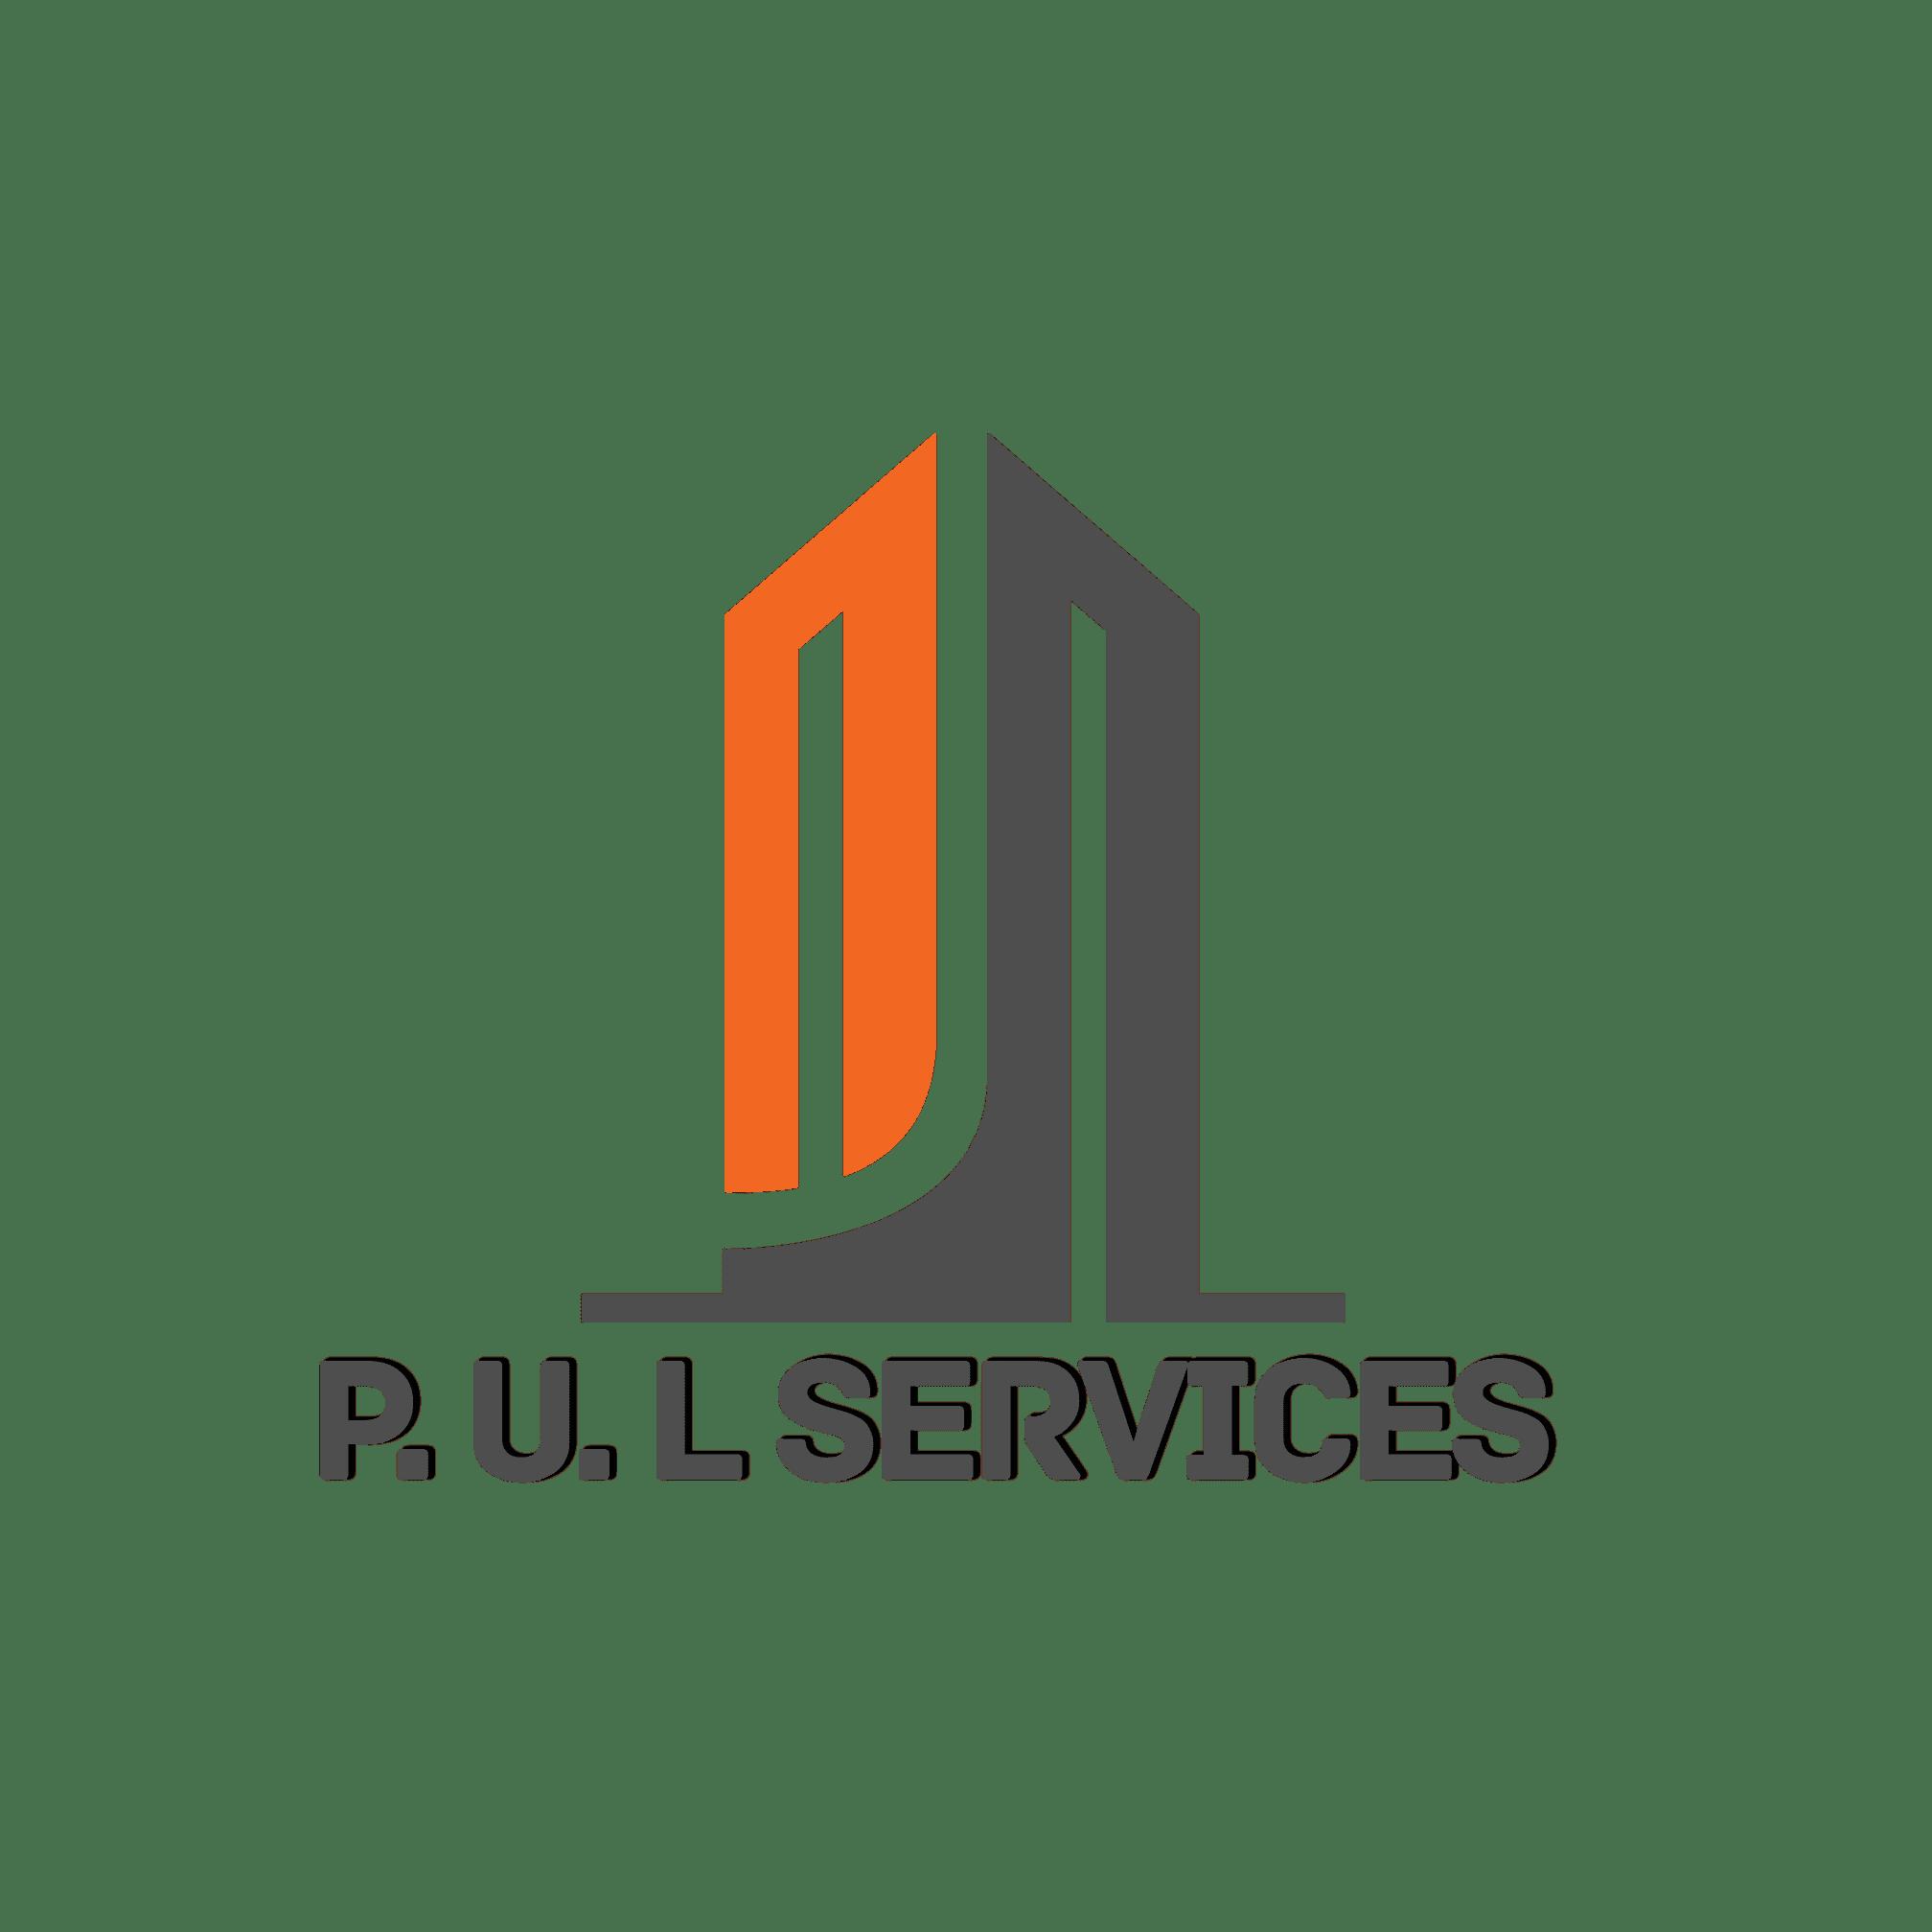 P.U.L Services Ltd